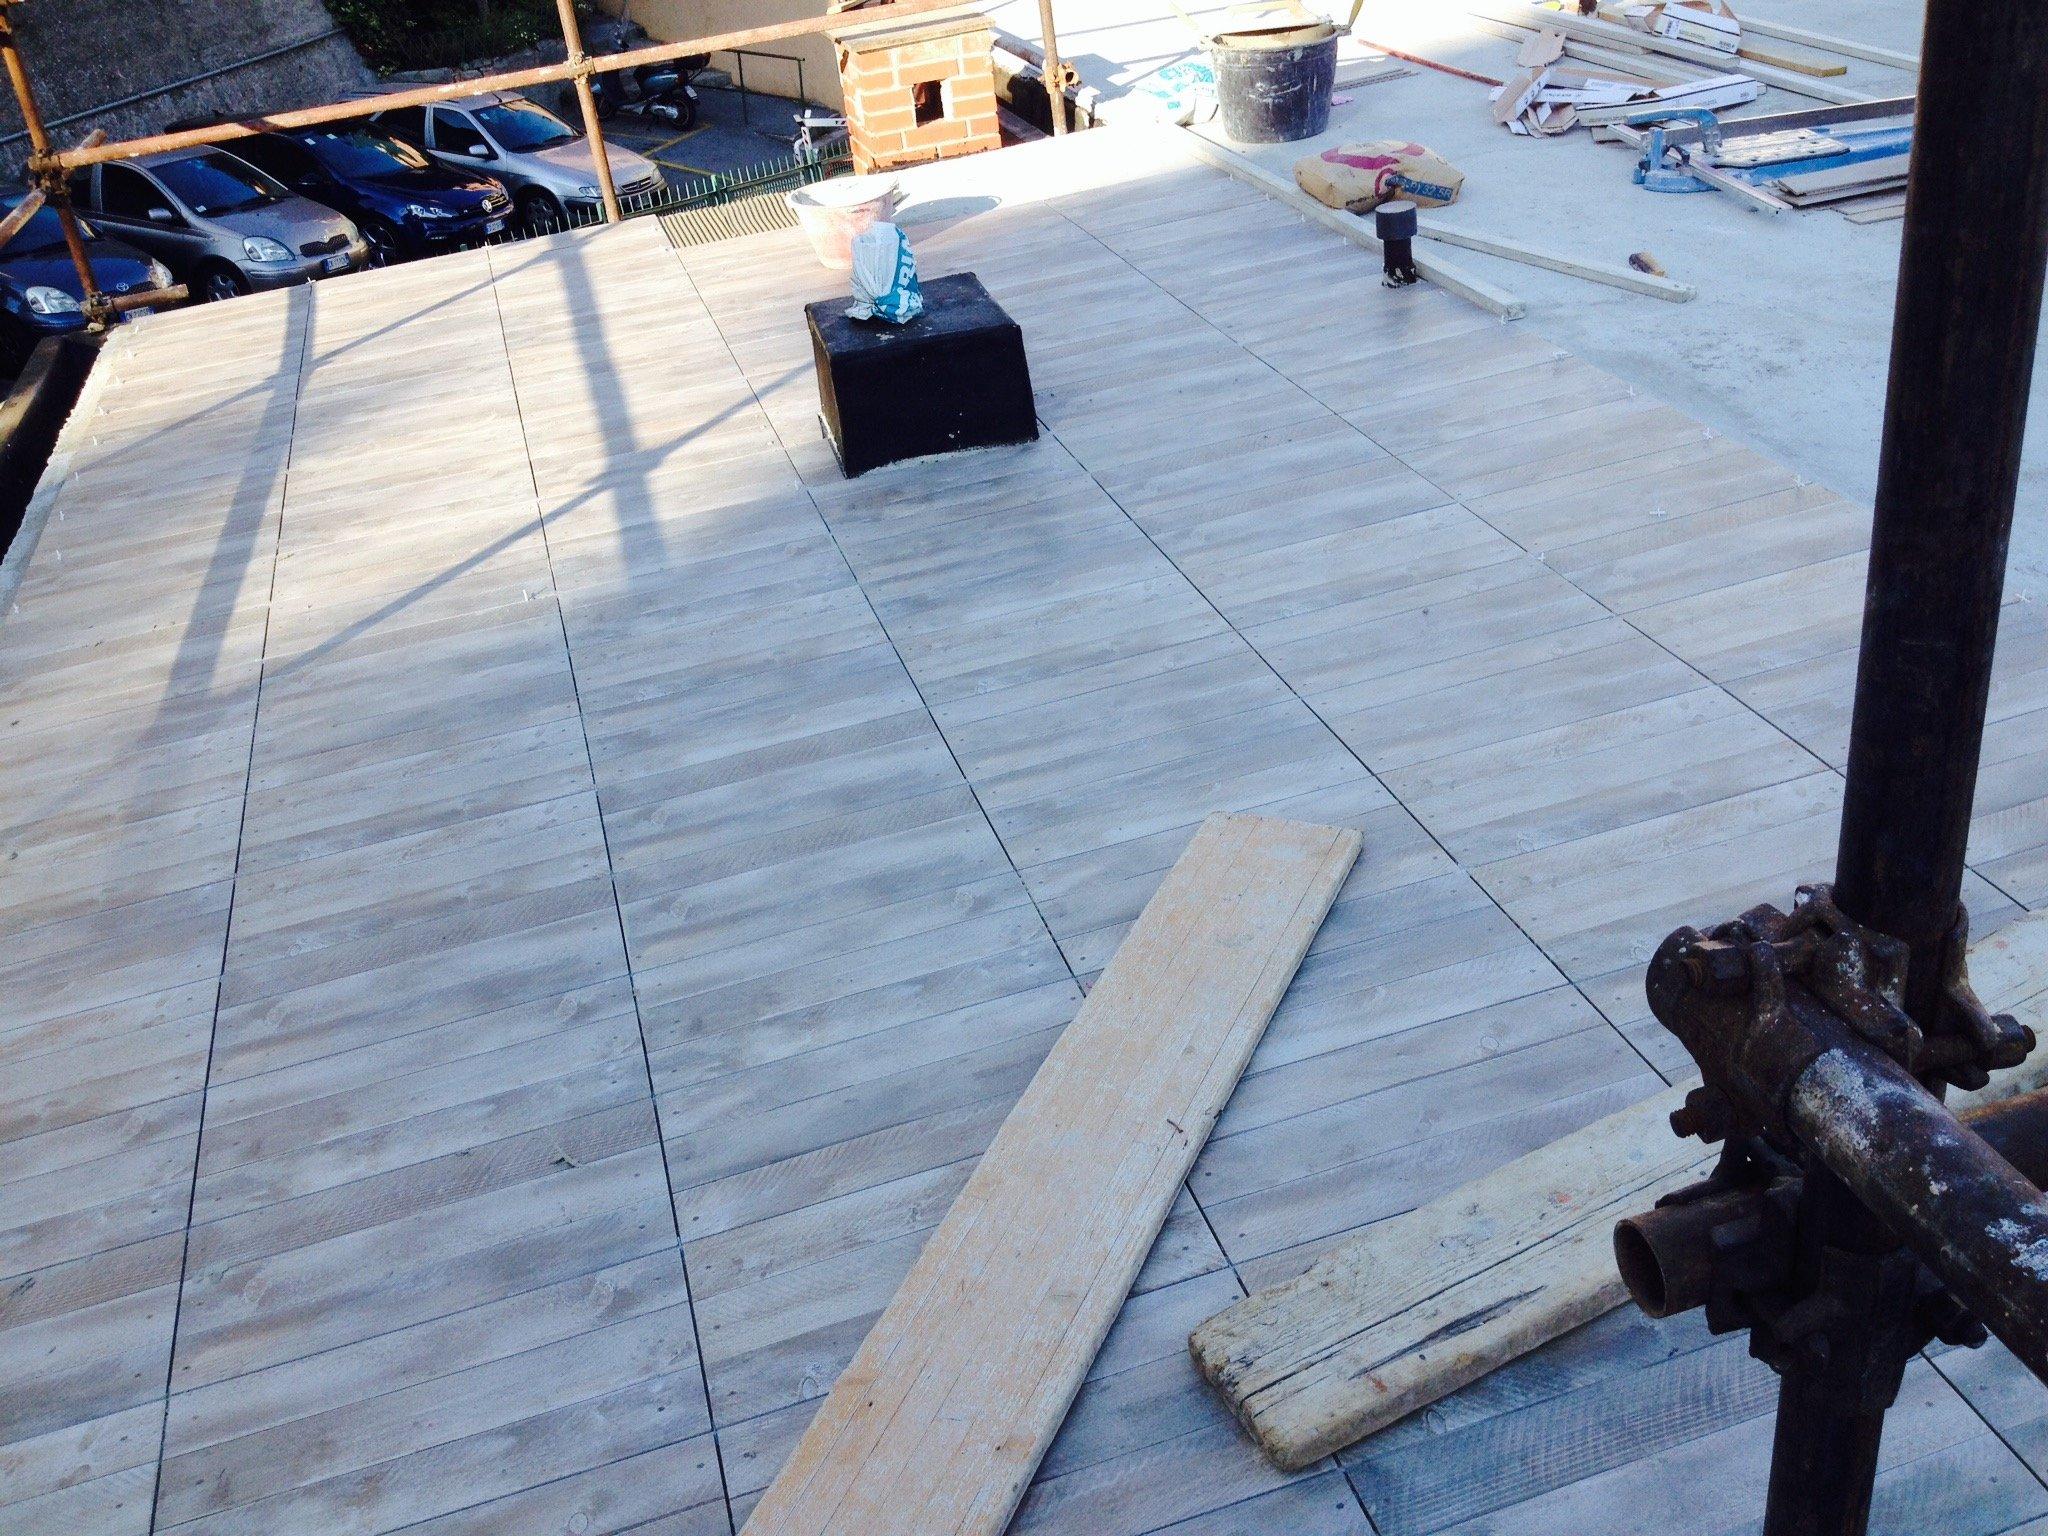 Vista laterale di un tetto coperto da lastre impermeabilizzanti